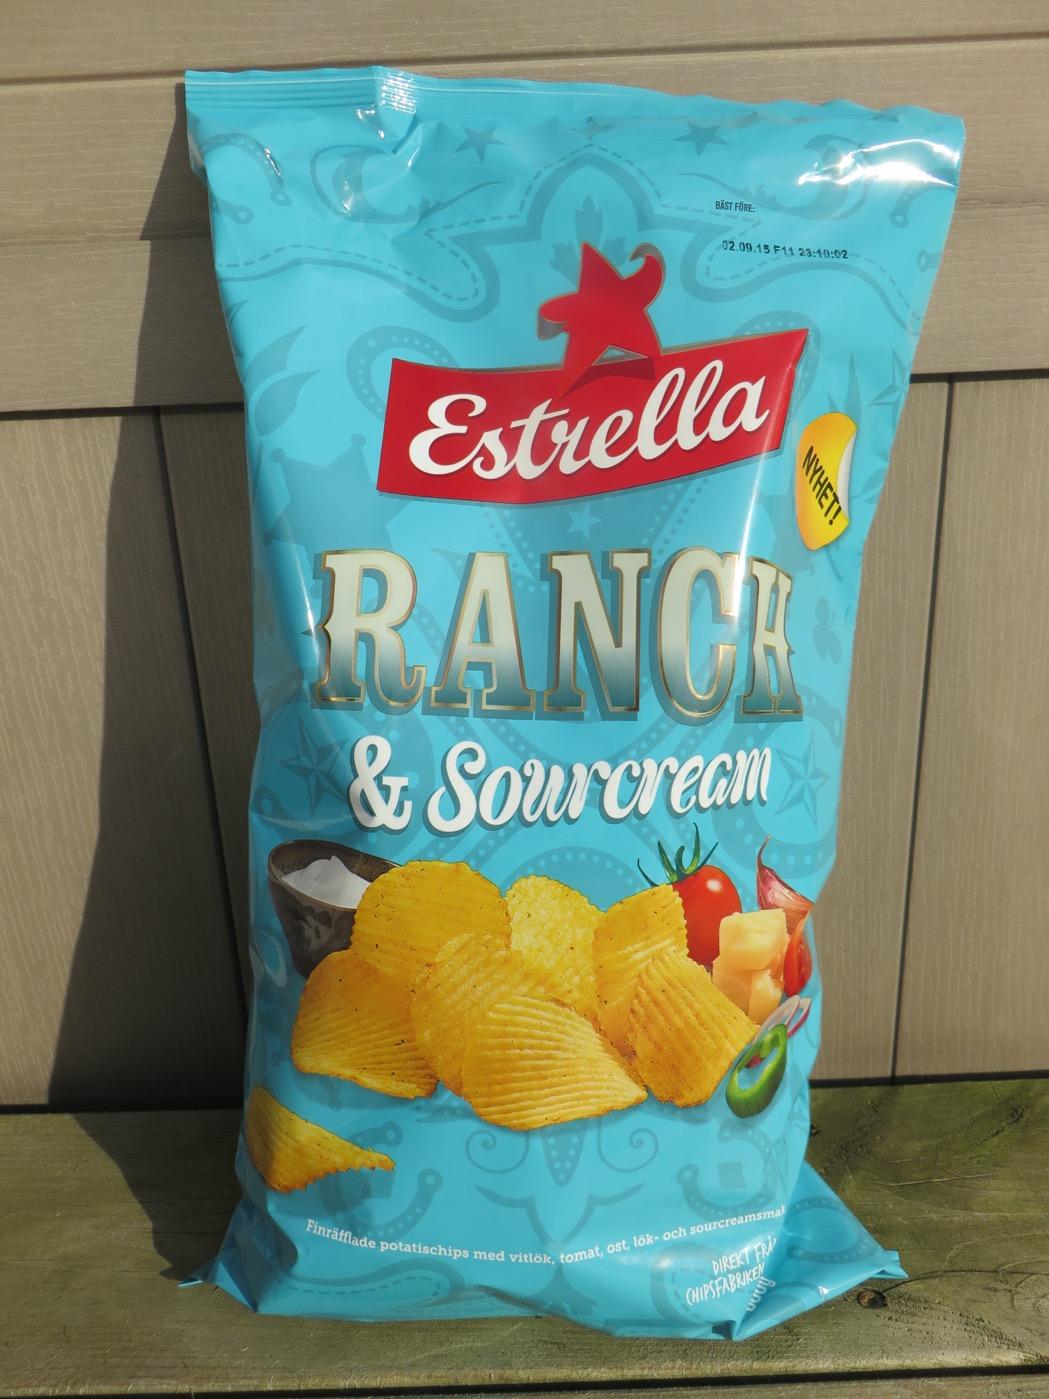 Relansering av den tillfälliga smaken Ranch & Sourcream.